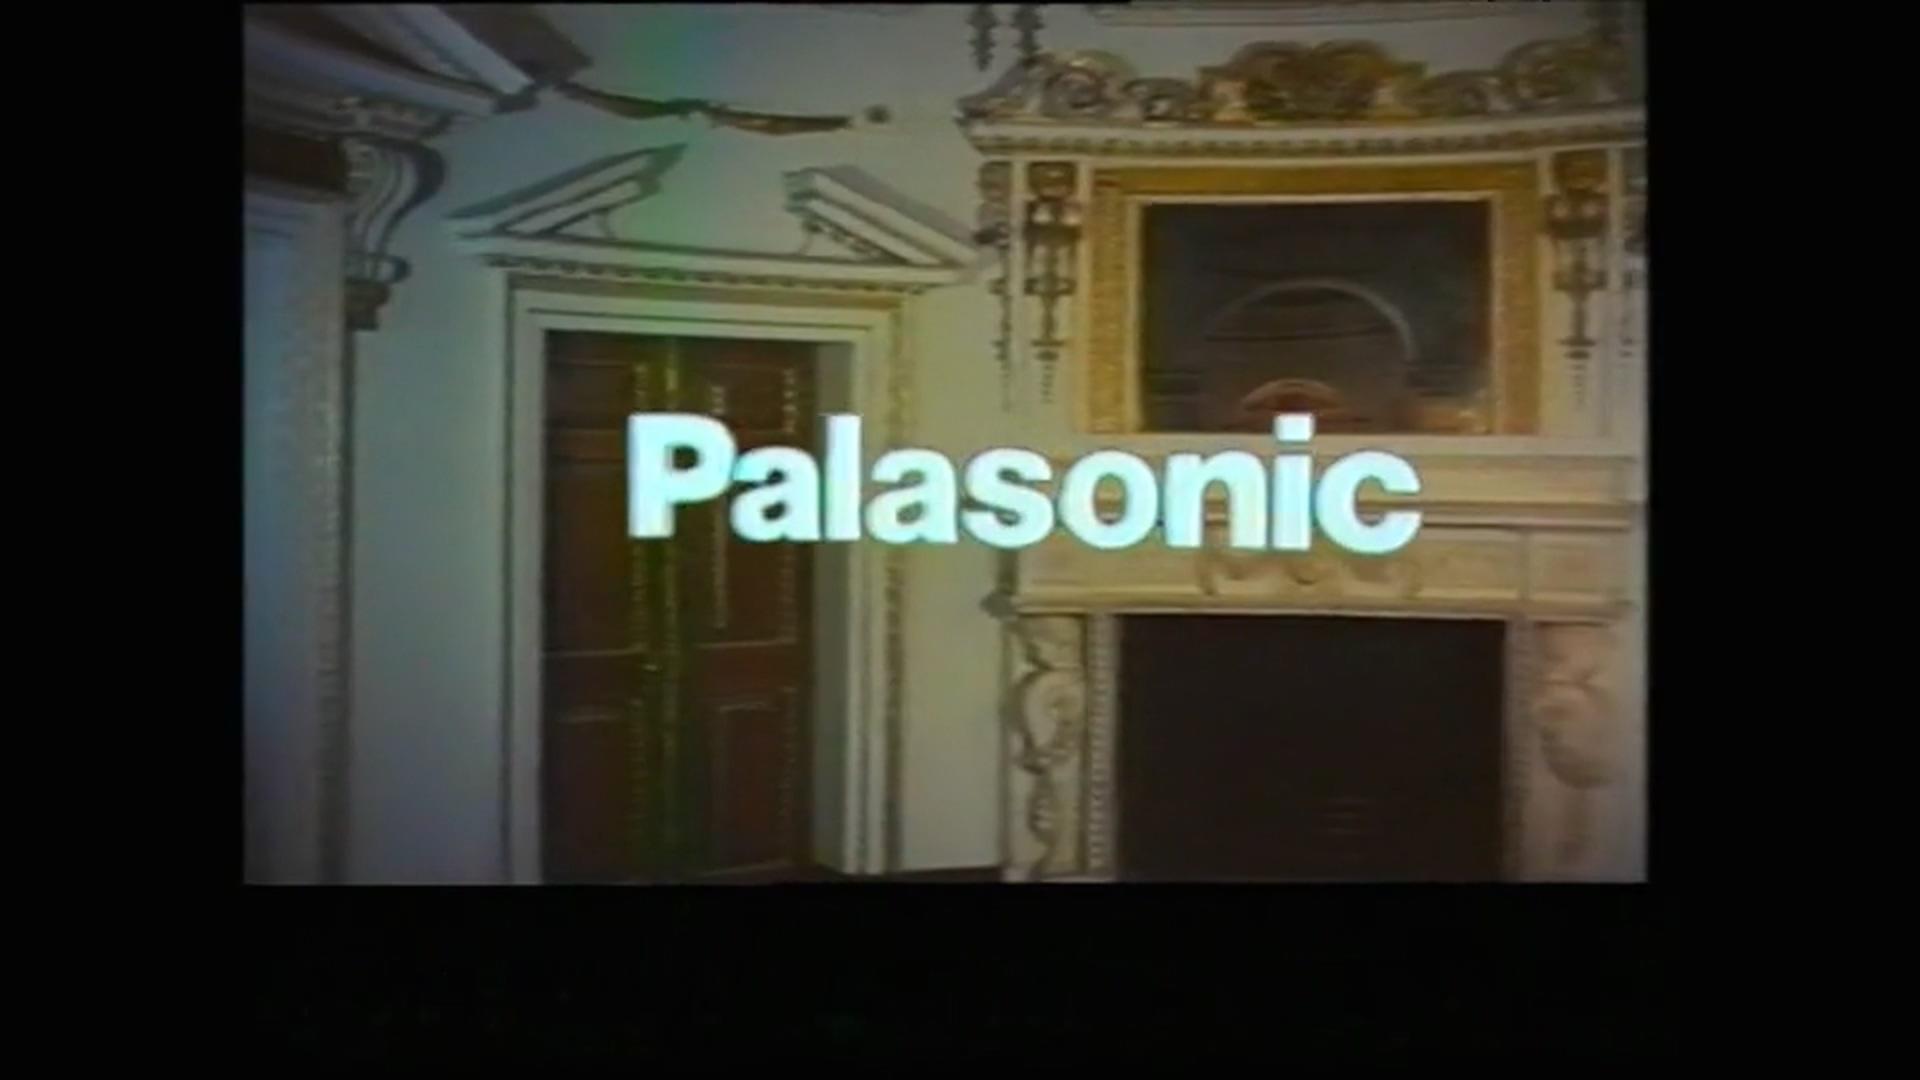 PALASONIC.mp4_20171110_130539.446